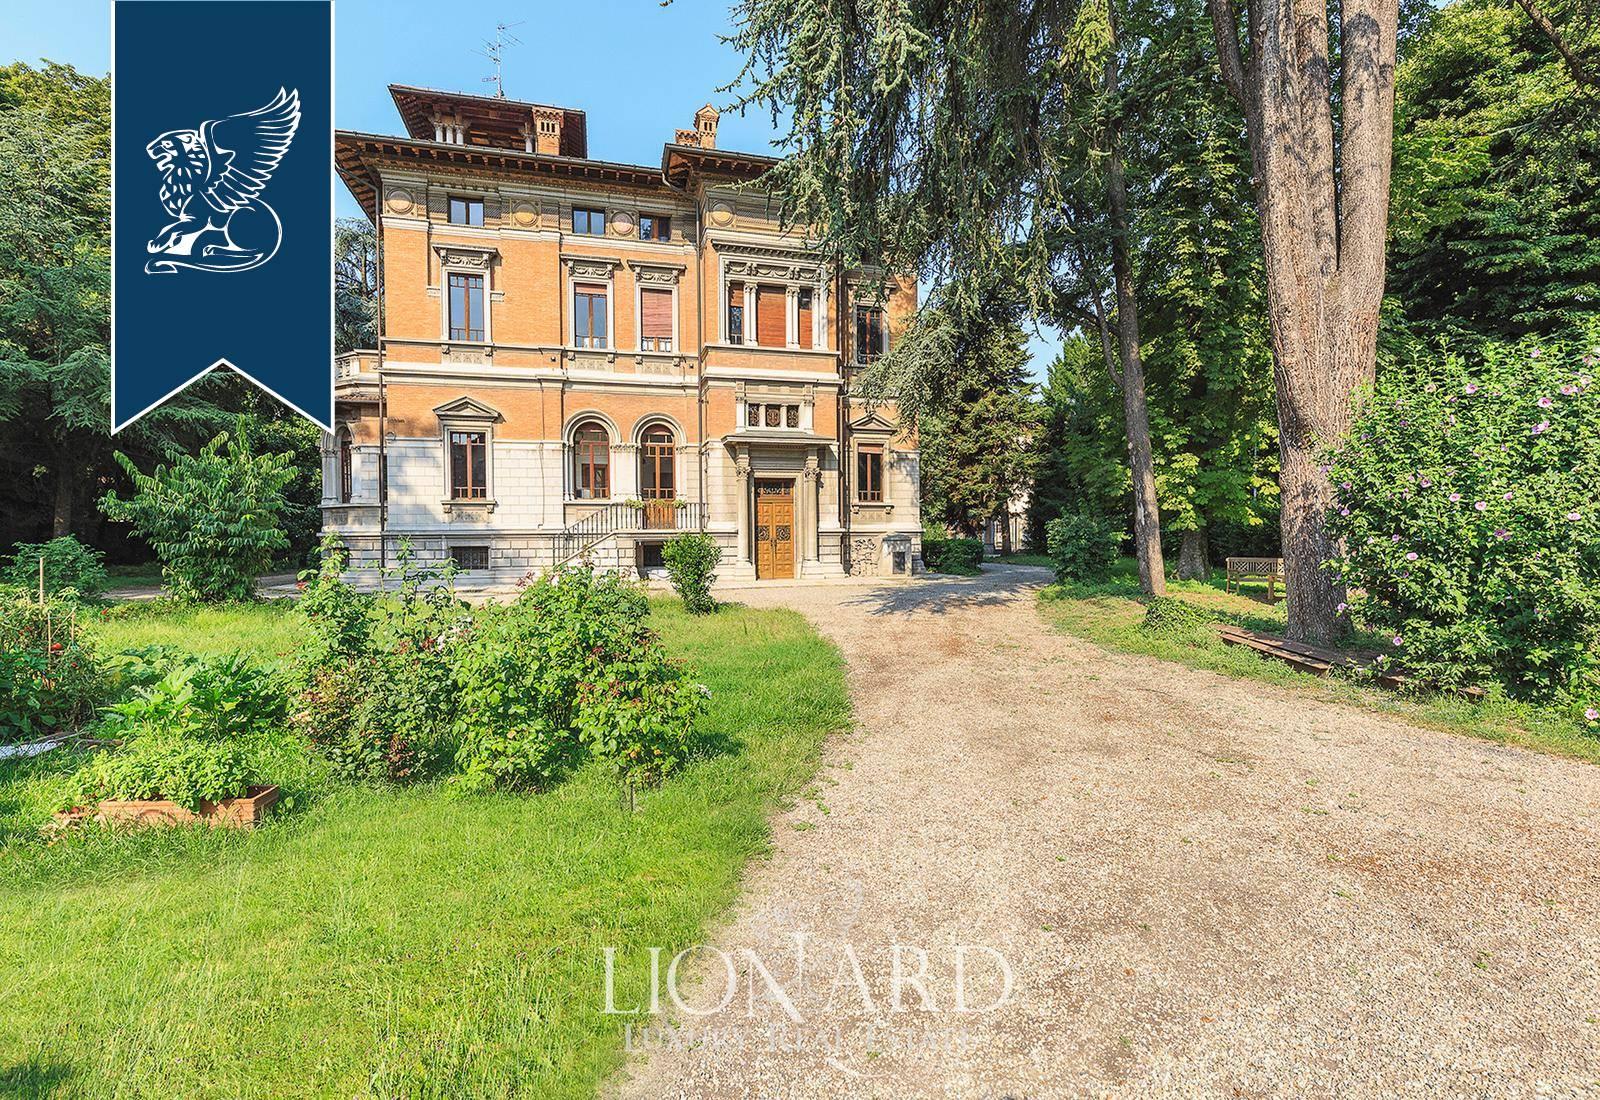 Villa in Vendita a Reggio Emilia: 0 locali, 1000 mq - Foto 2